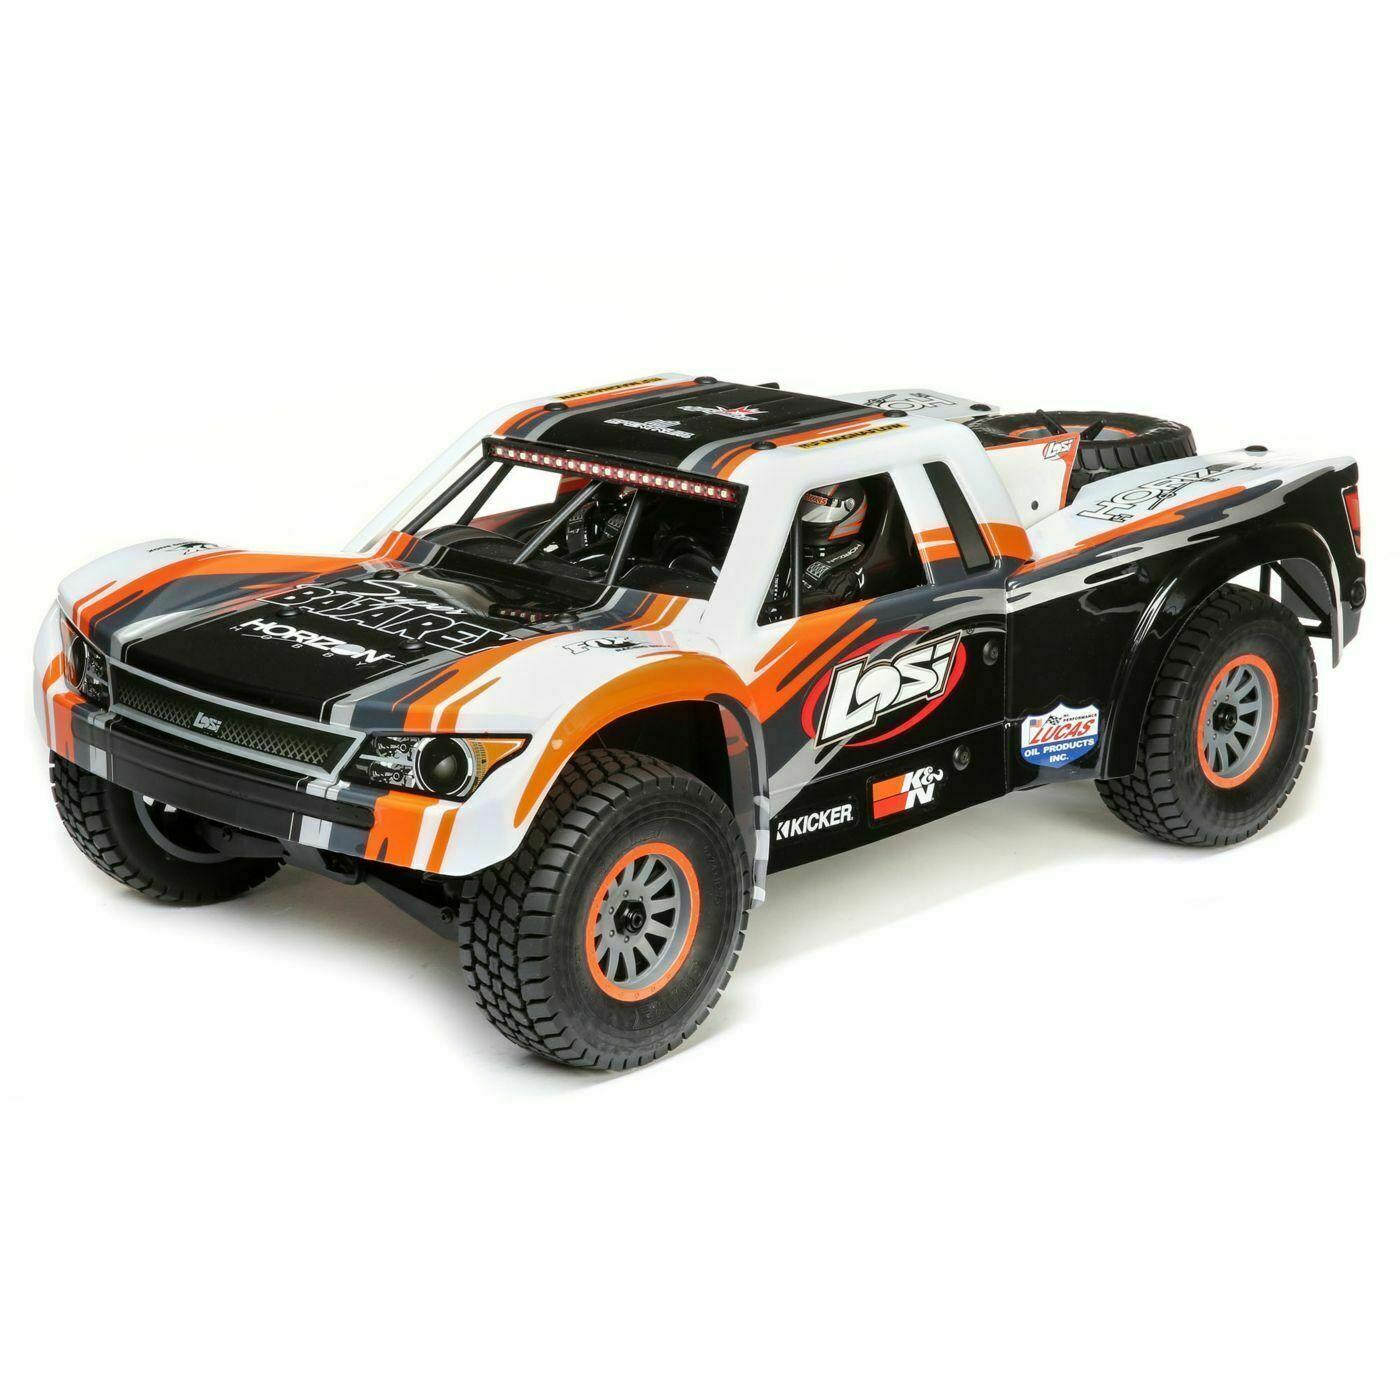 Losi Super Baja Rey 1 6 4WD DT BIND & Drive Losi Team Racing LOS05018